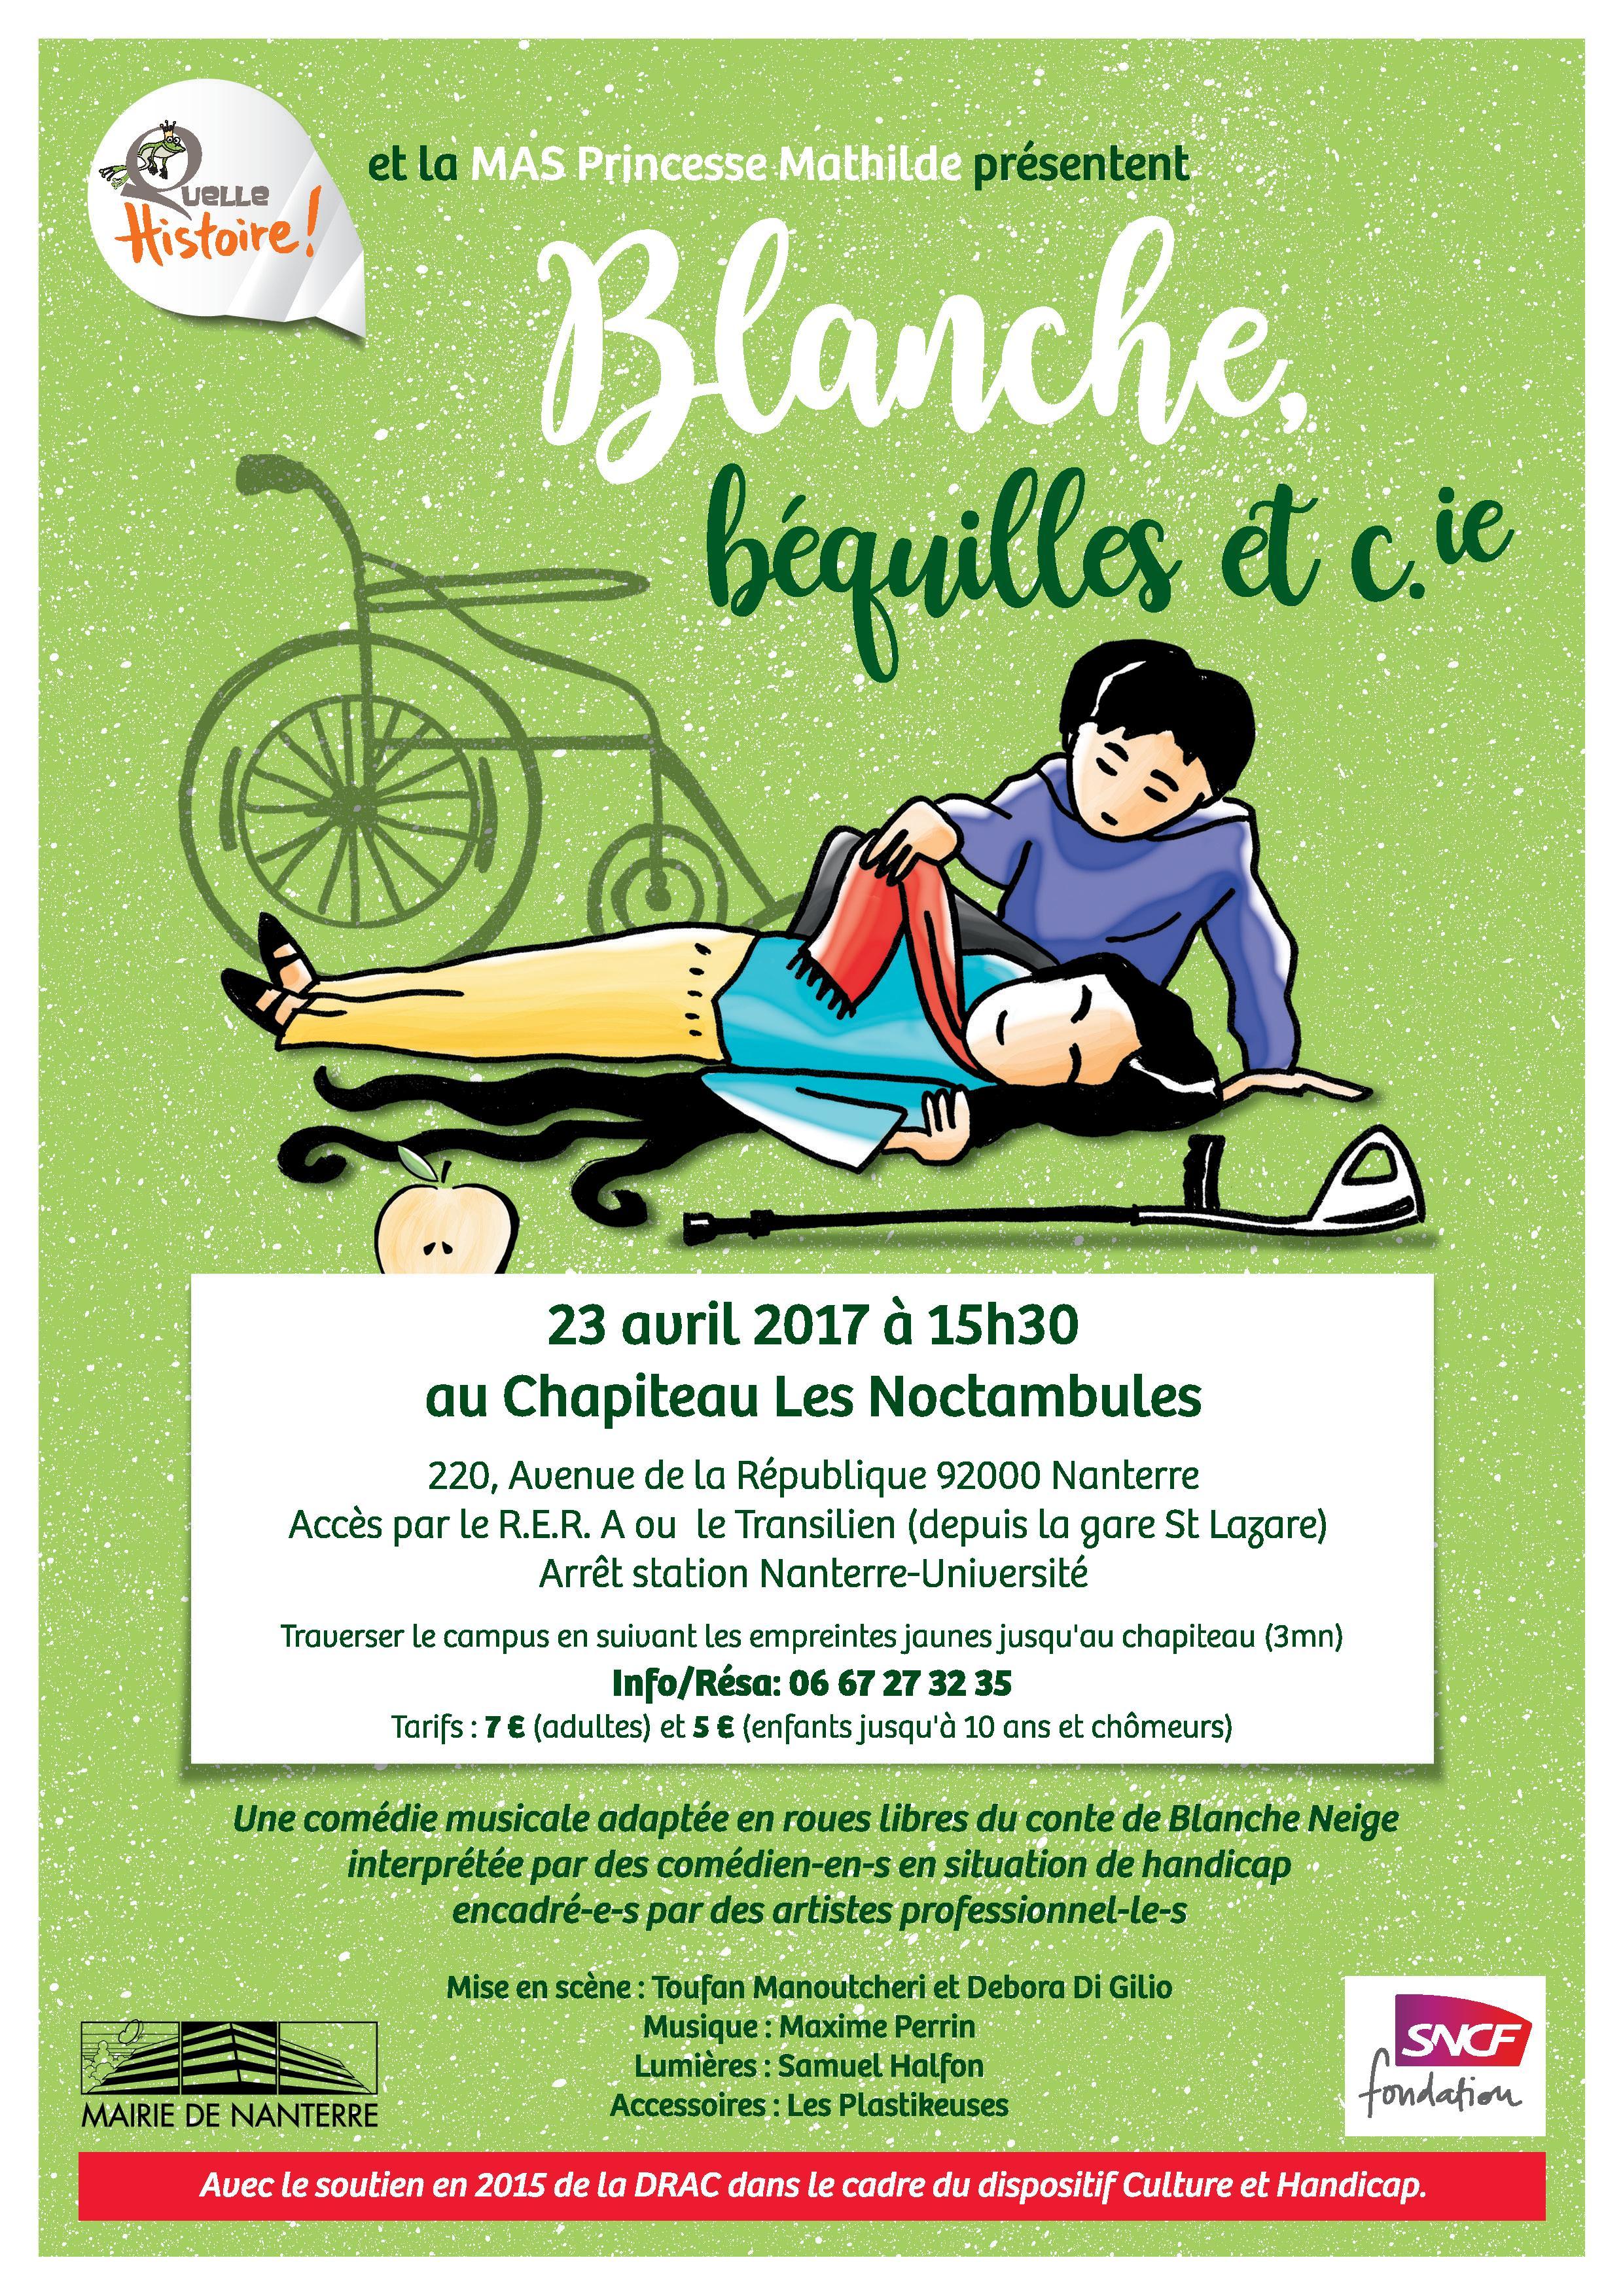 Blanche, Béquilles Et C.ie